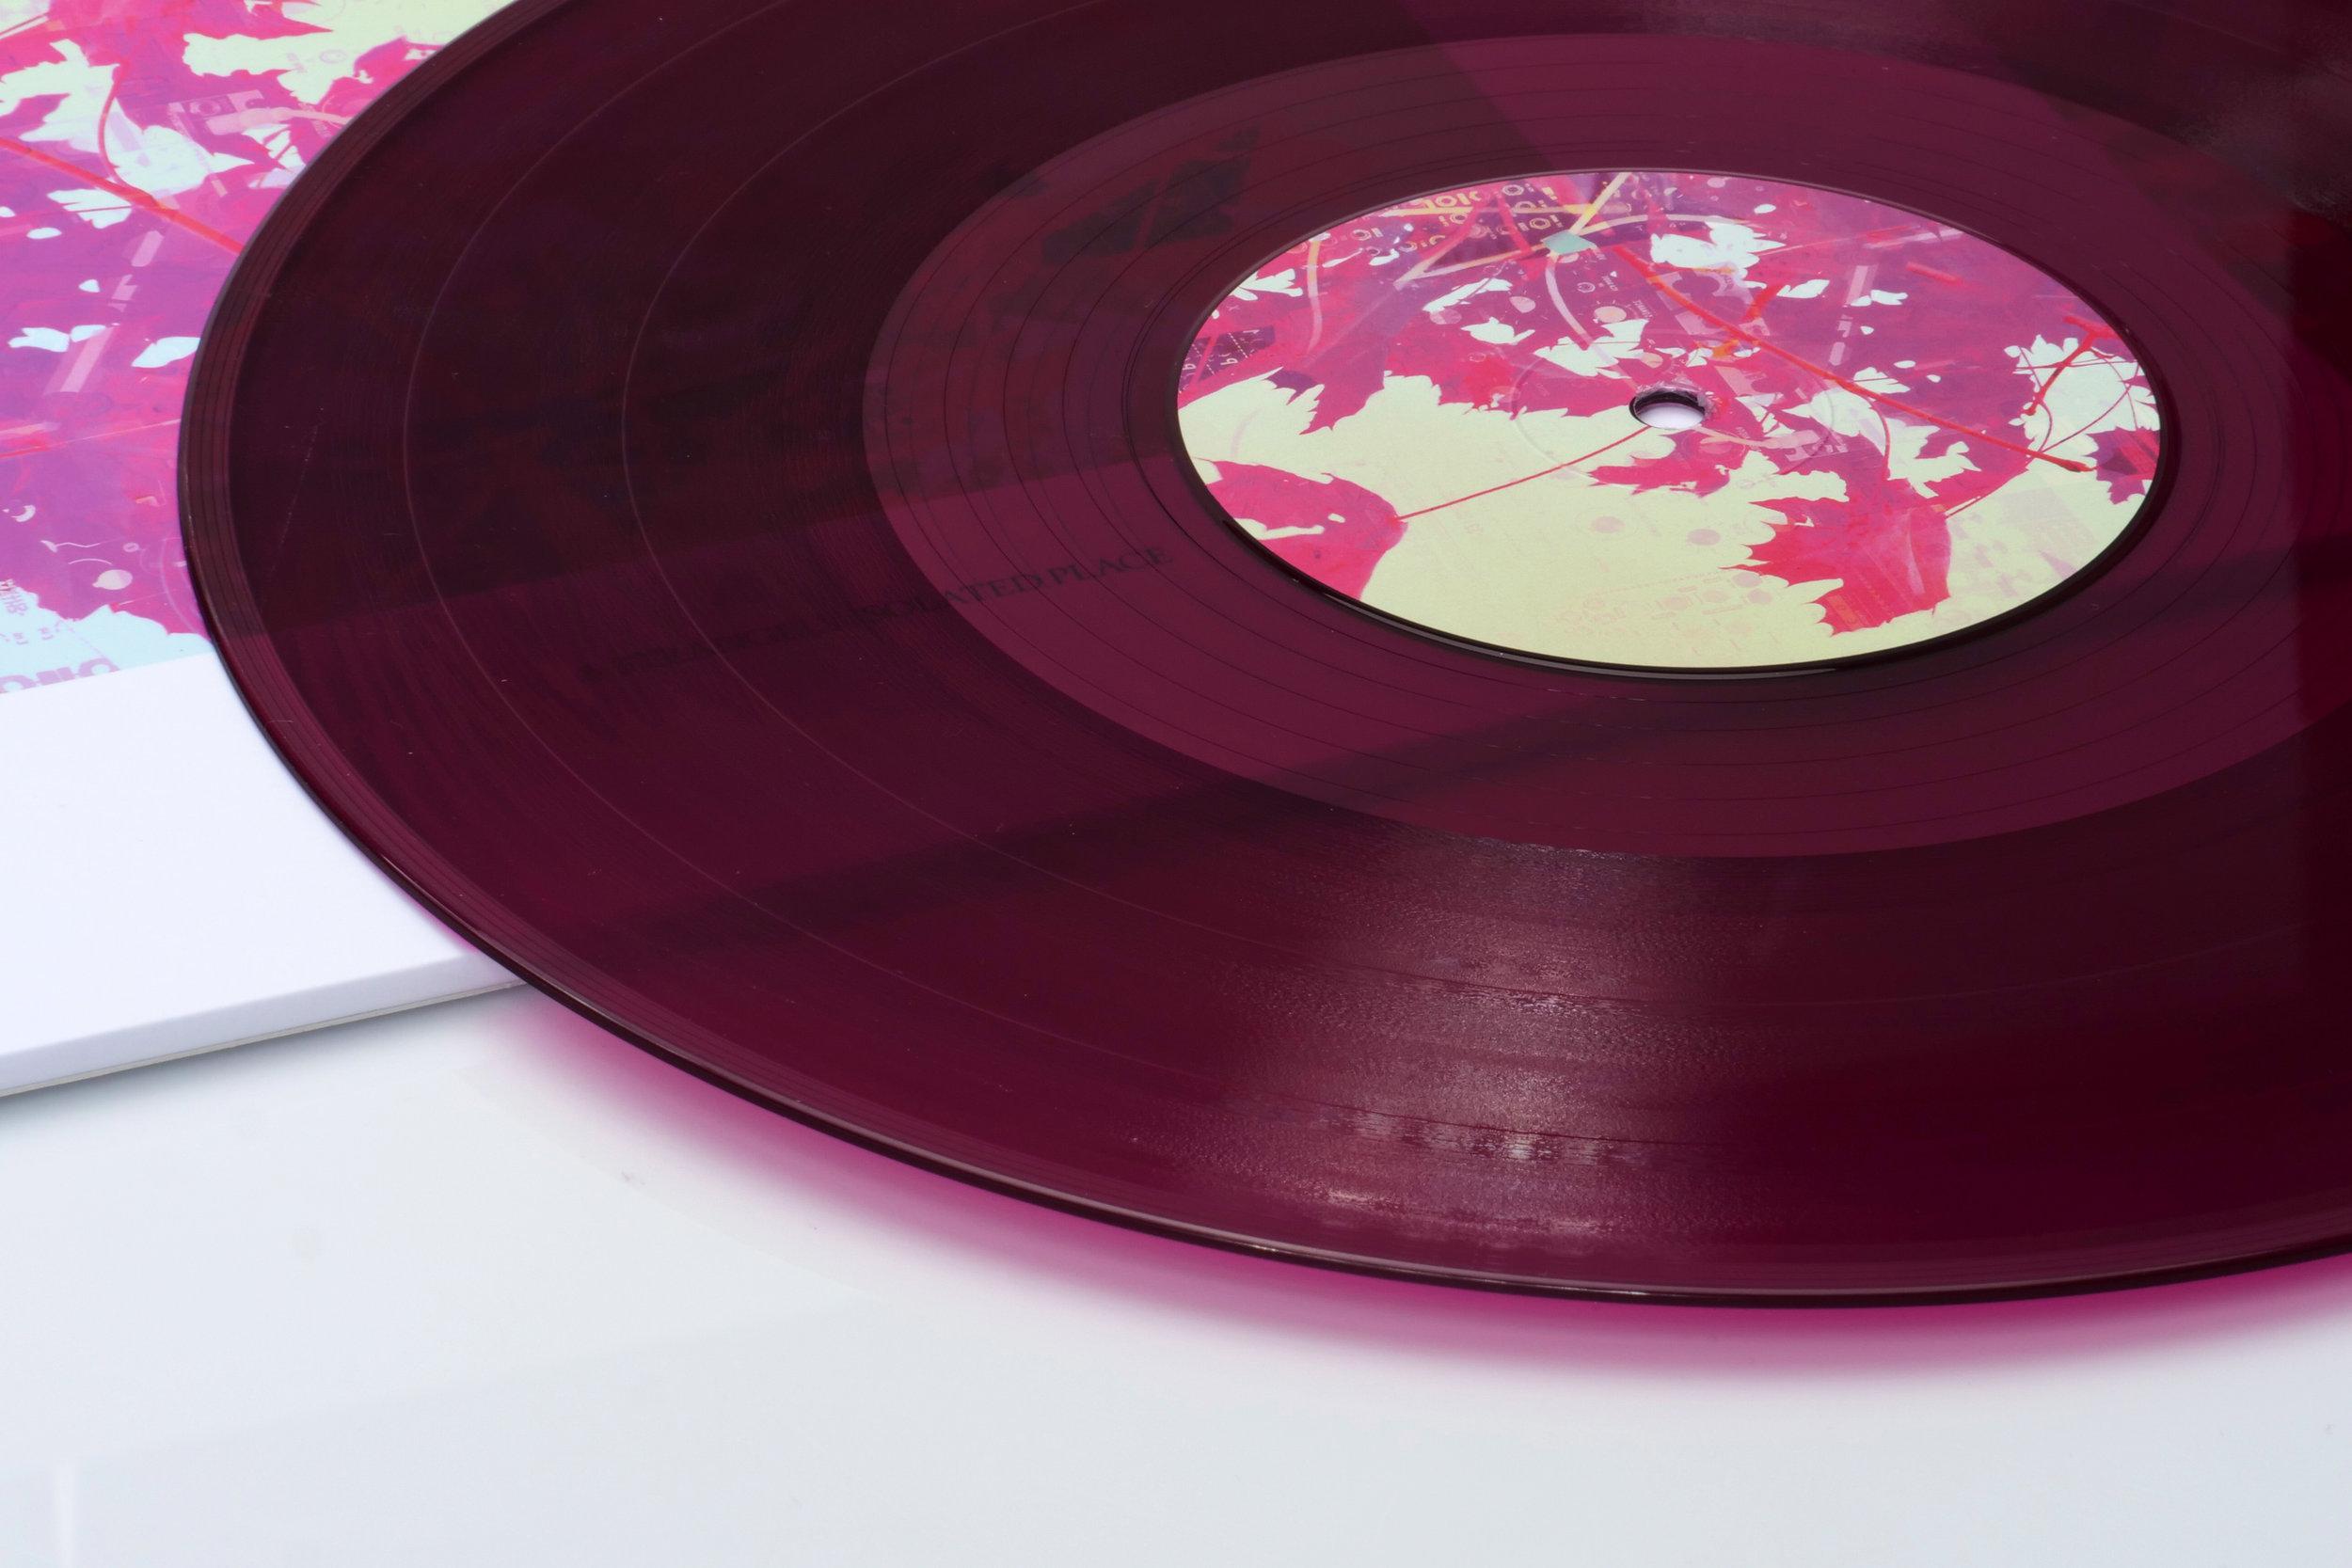 ASIPV014 Vinyl.jpg